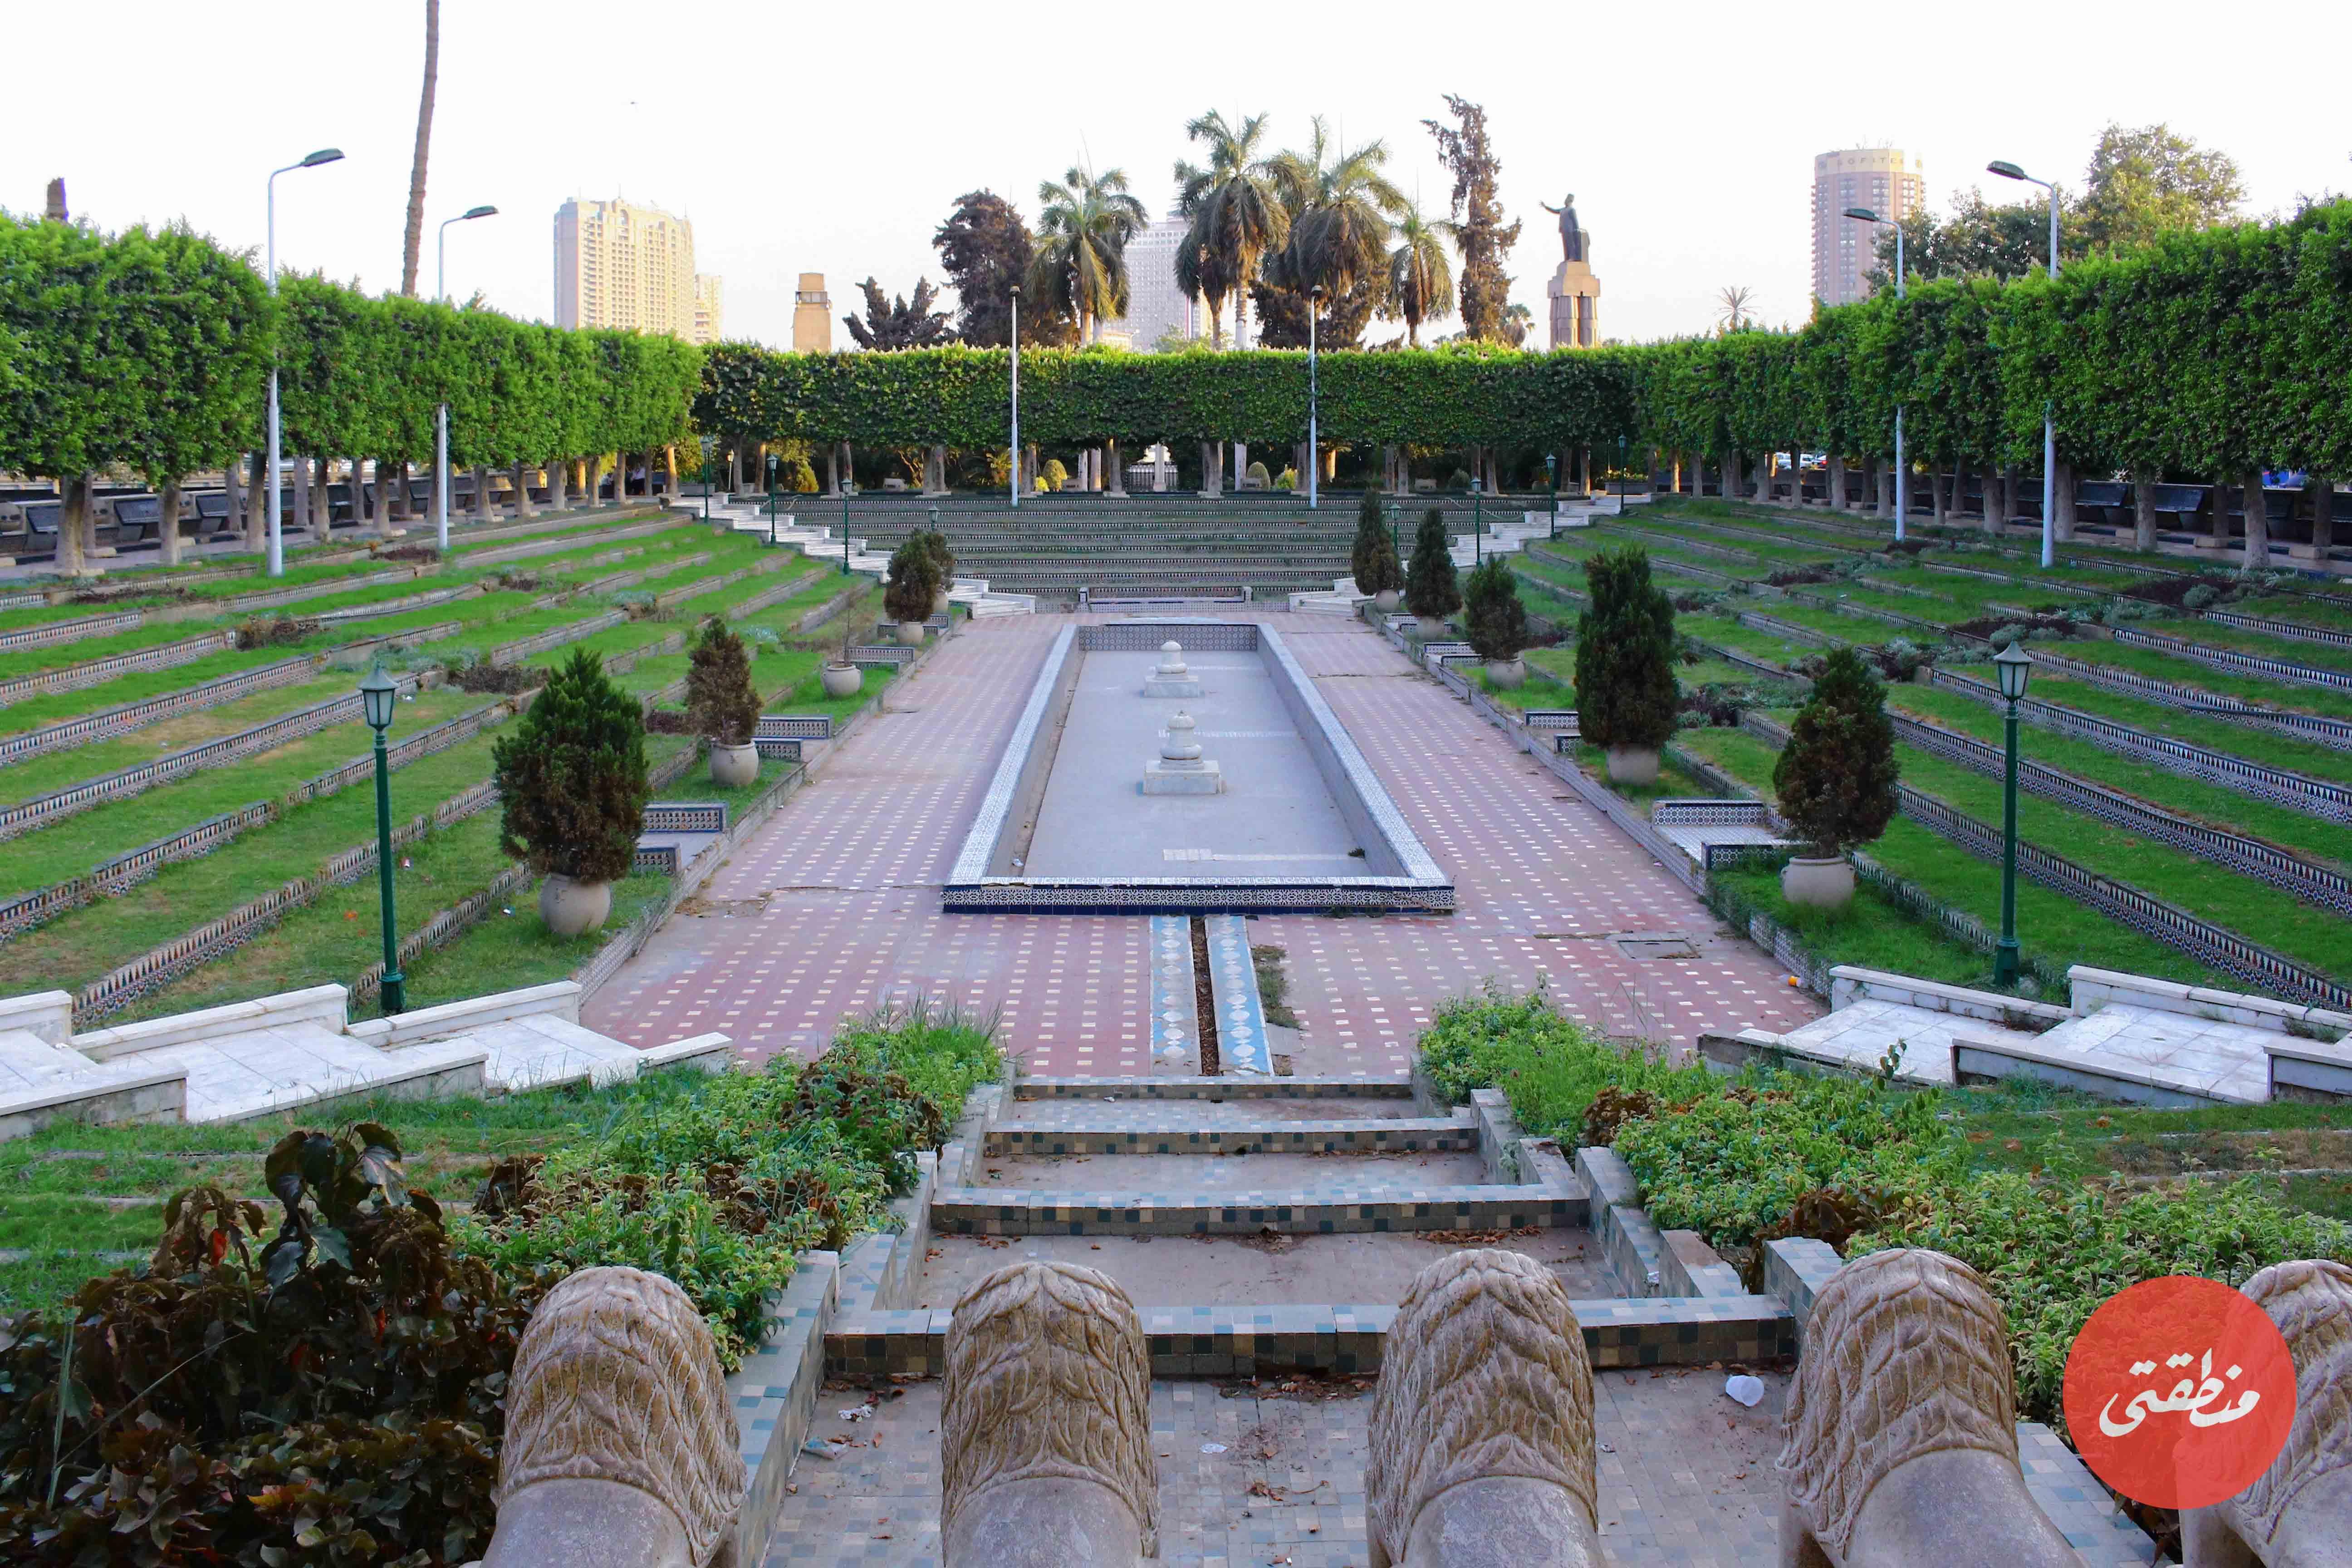 حديقة الأندلس في عام 2015 تصوير صديق البخشونجي